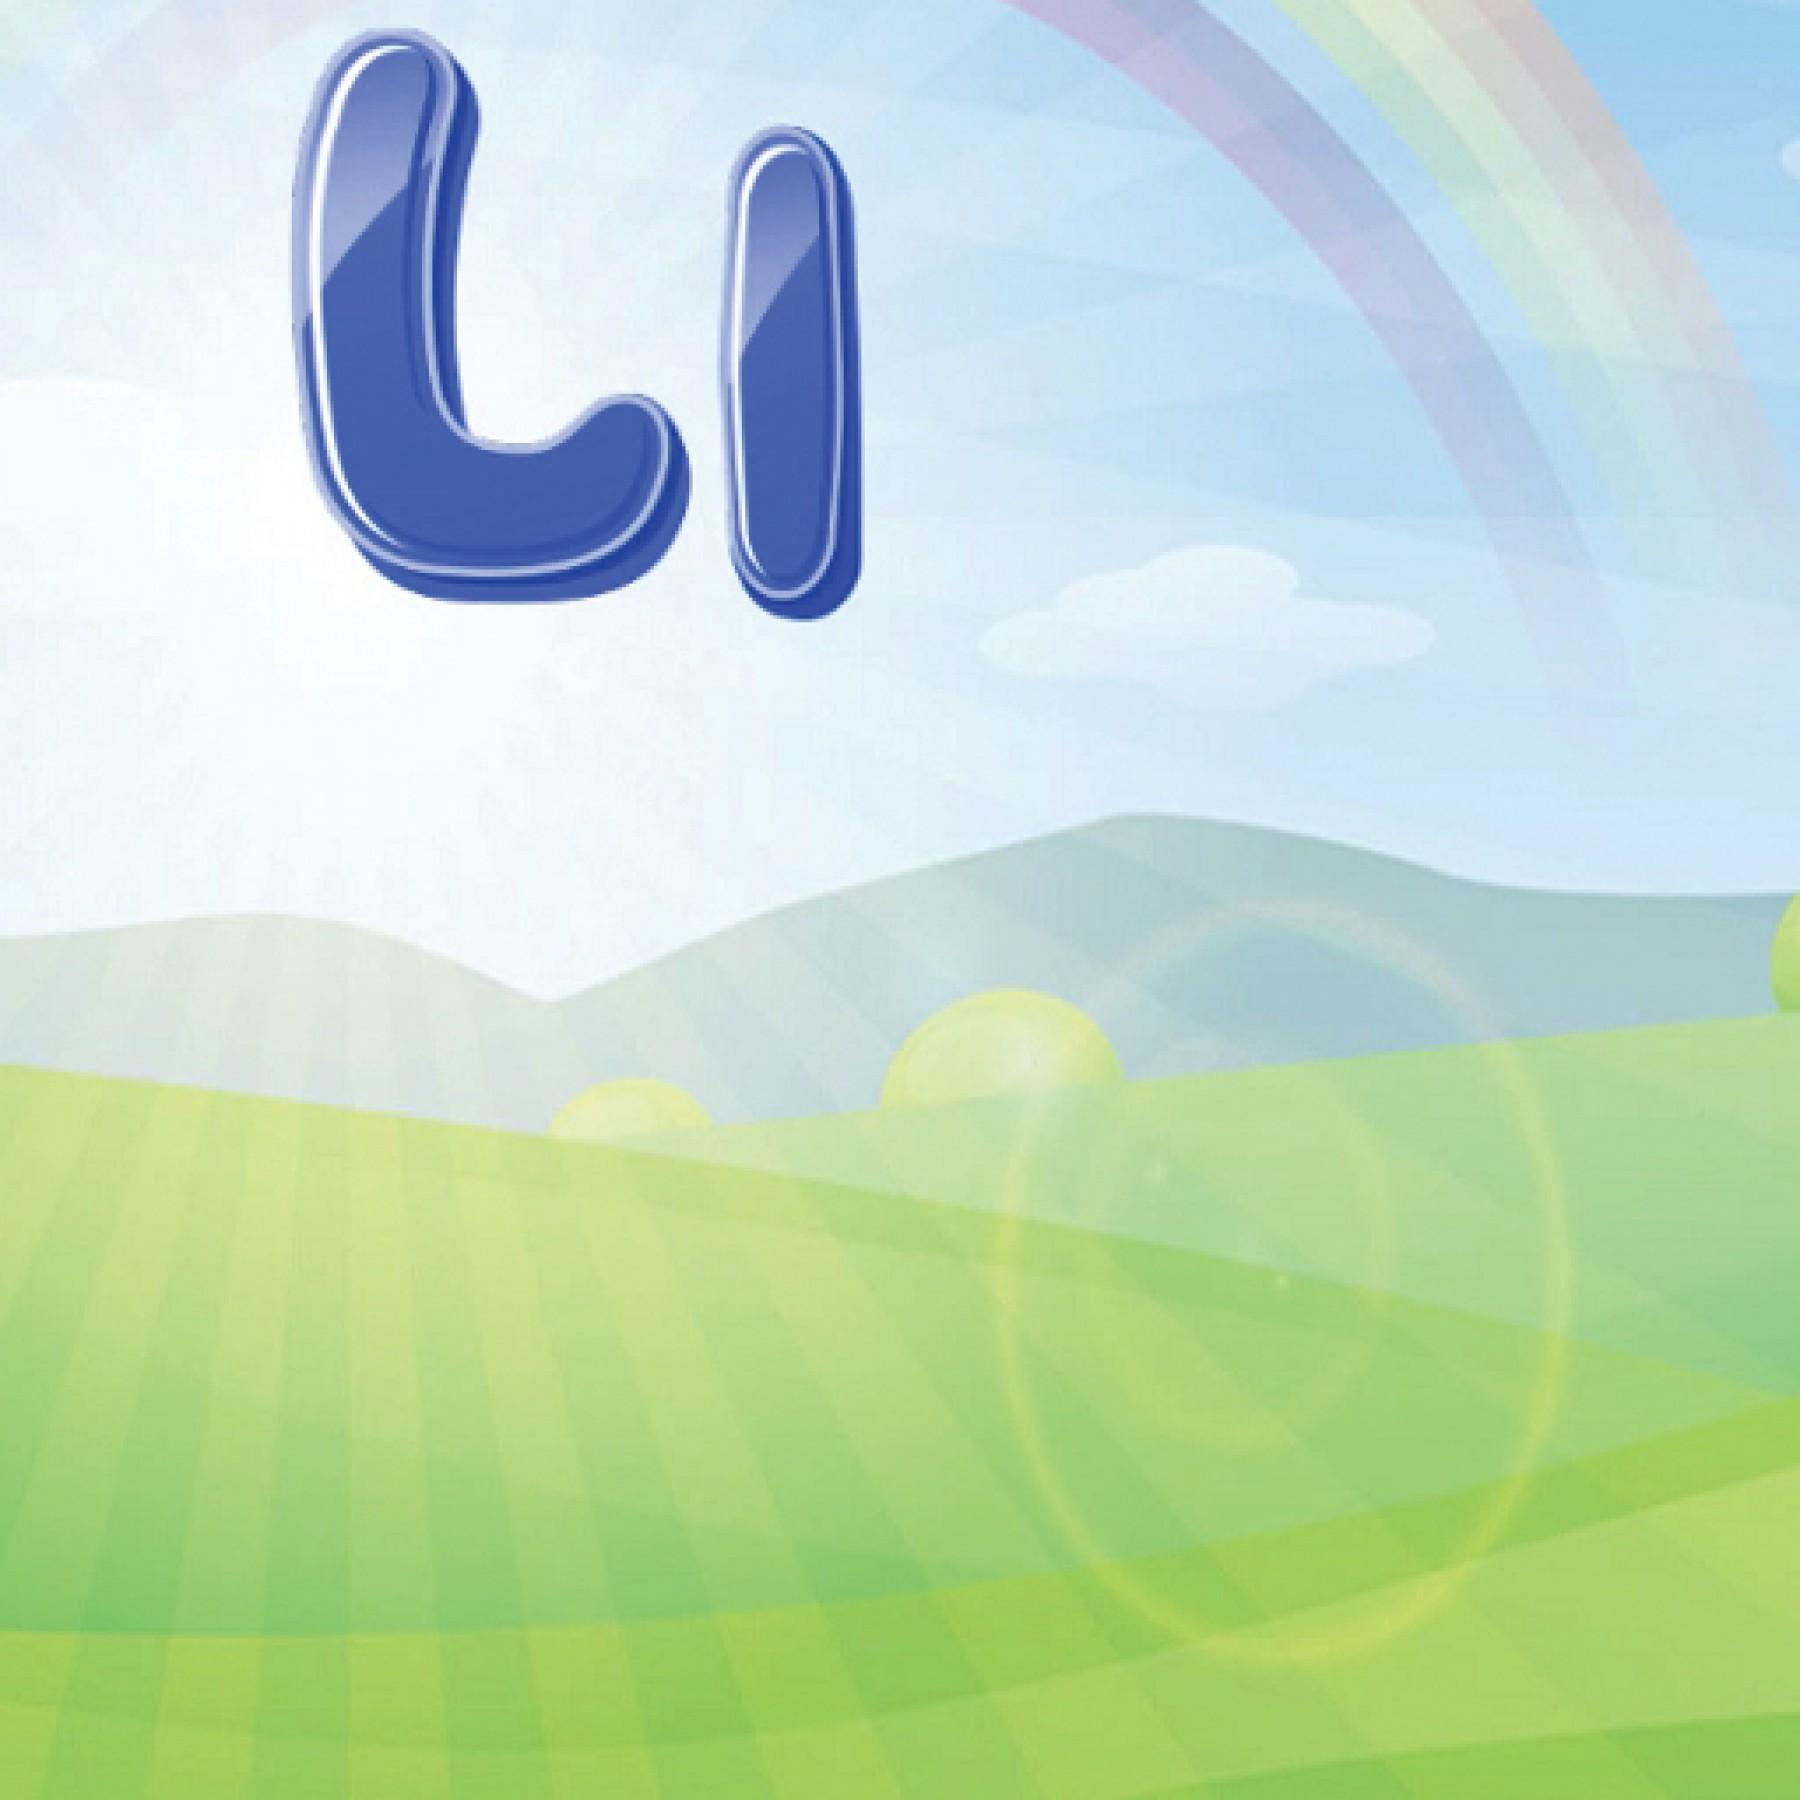 alphabet-letters-kids-languages-education-main-location1